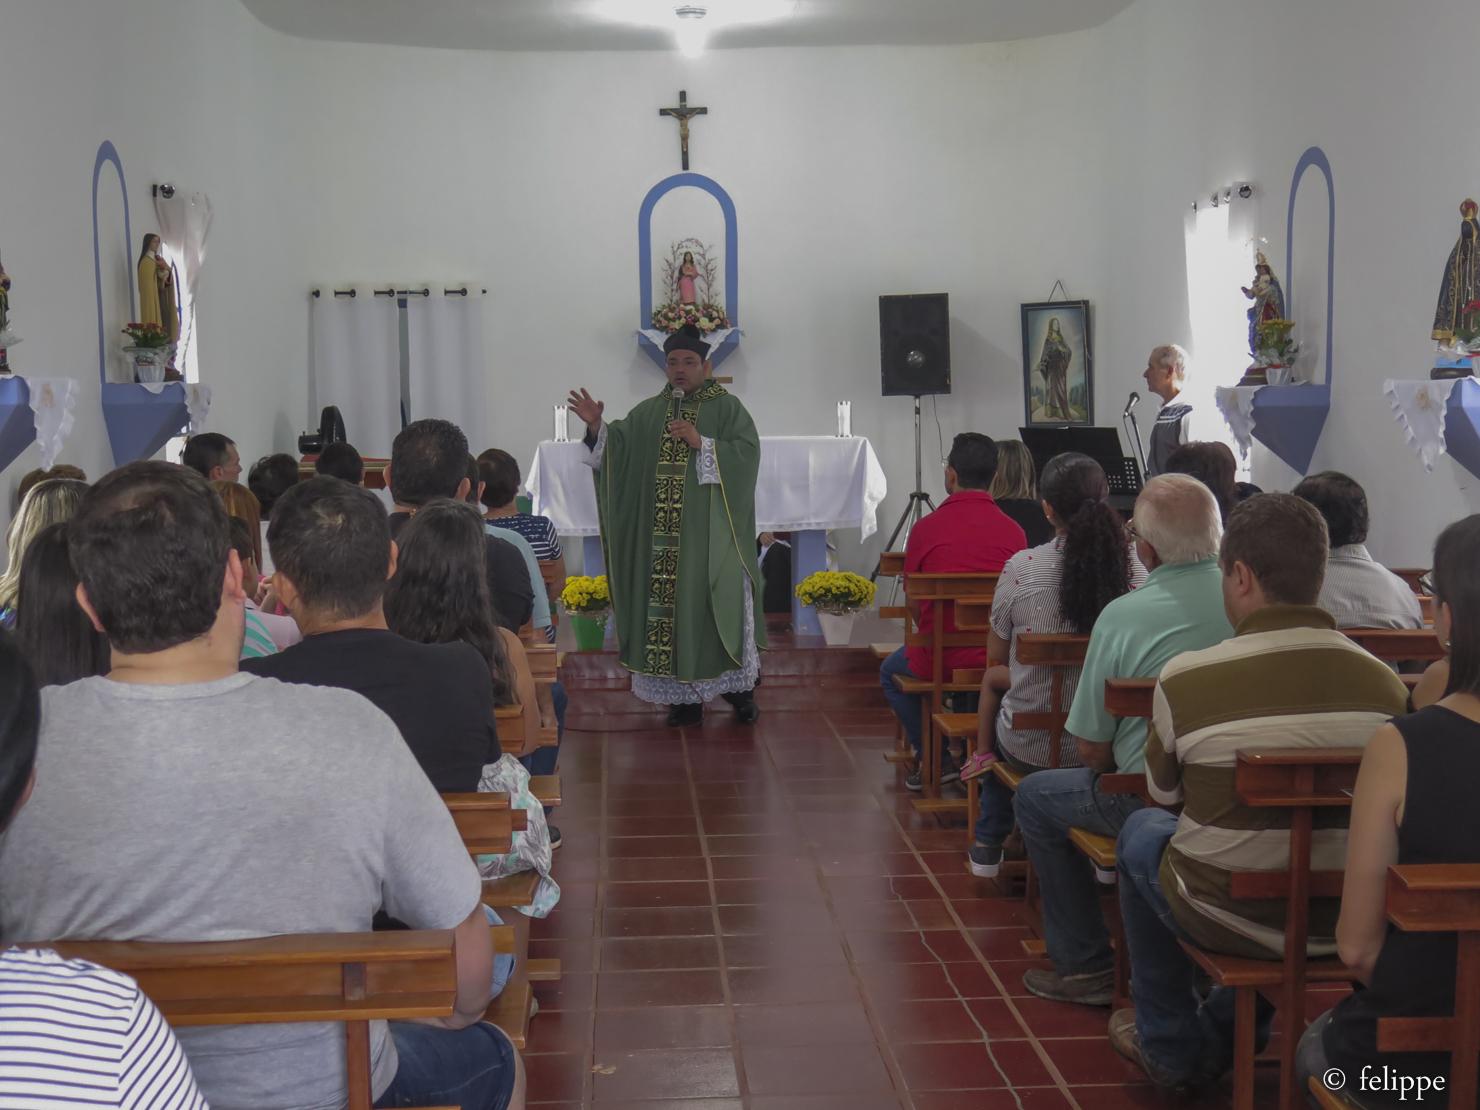 Fiéis participam de missa na Capela de Santa Eufrosina